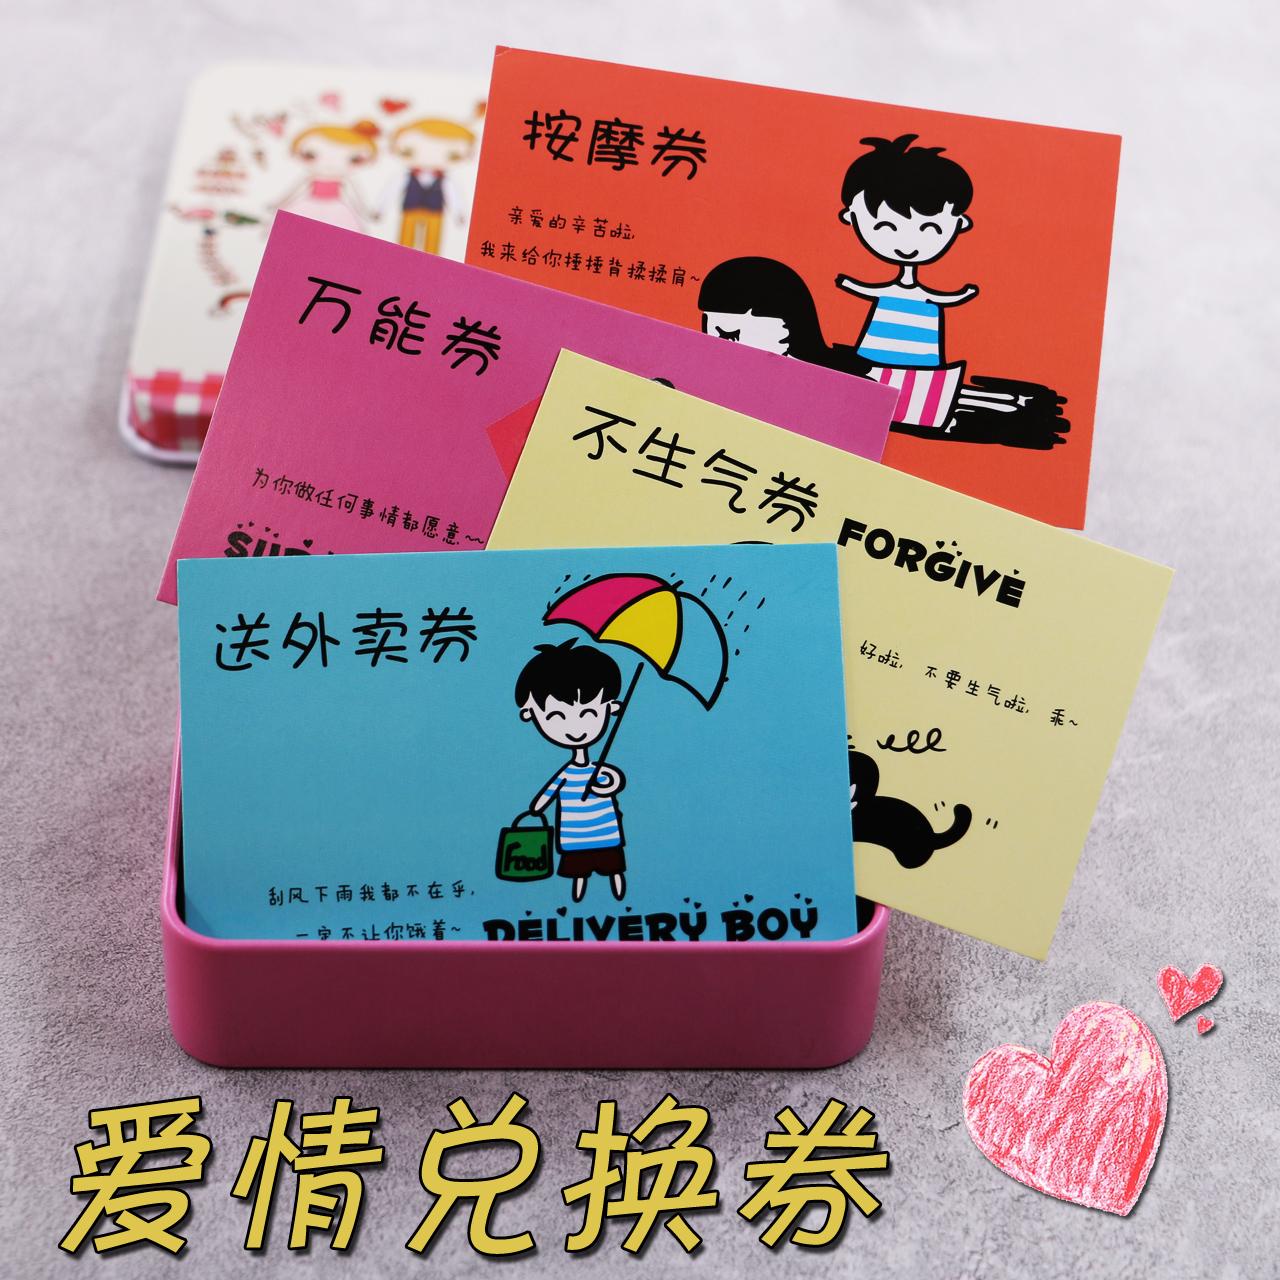 情人节创意小礼品送男女朋友男生老公情侣生日礼物浪漫走心特别的